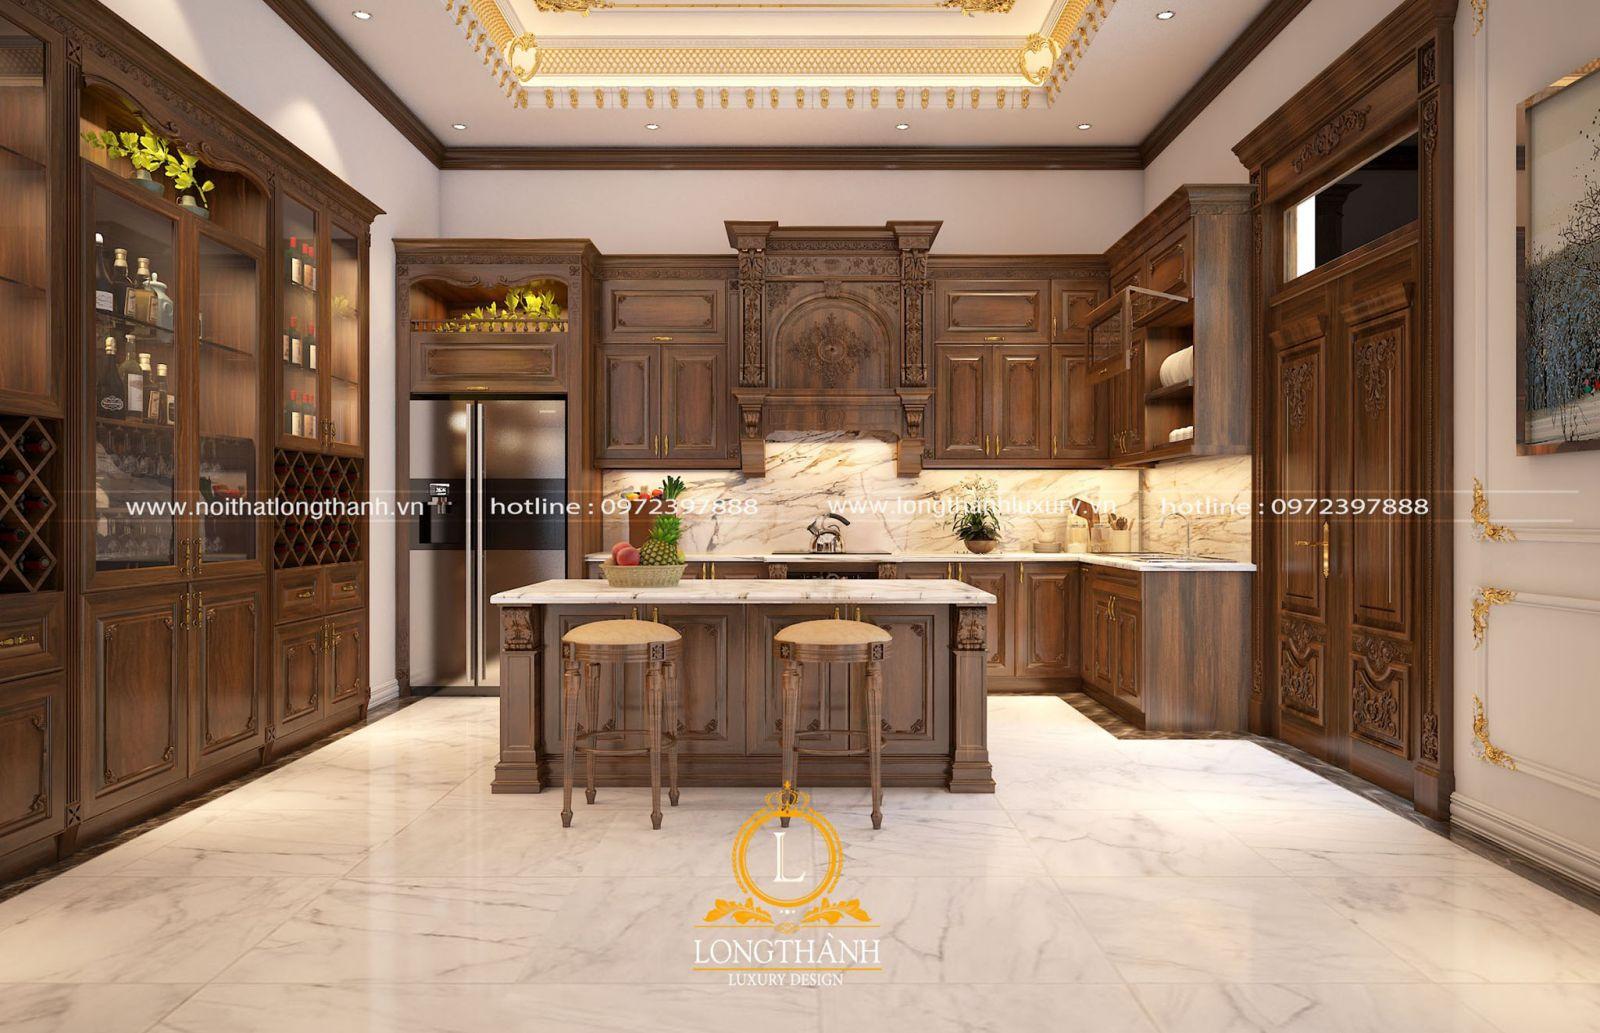 Thiết kế tủ bếp tân cổ điển vừa đảm bảo thẩm mỹ vừa công năng